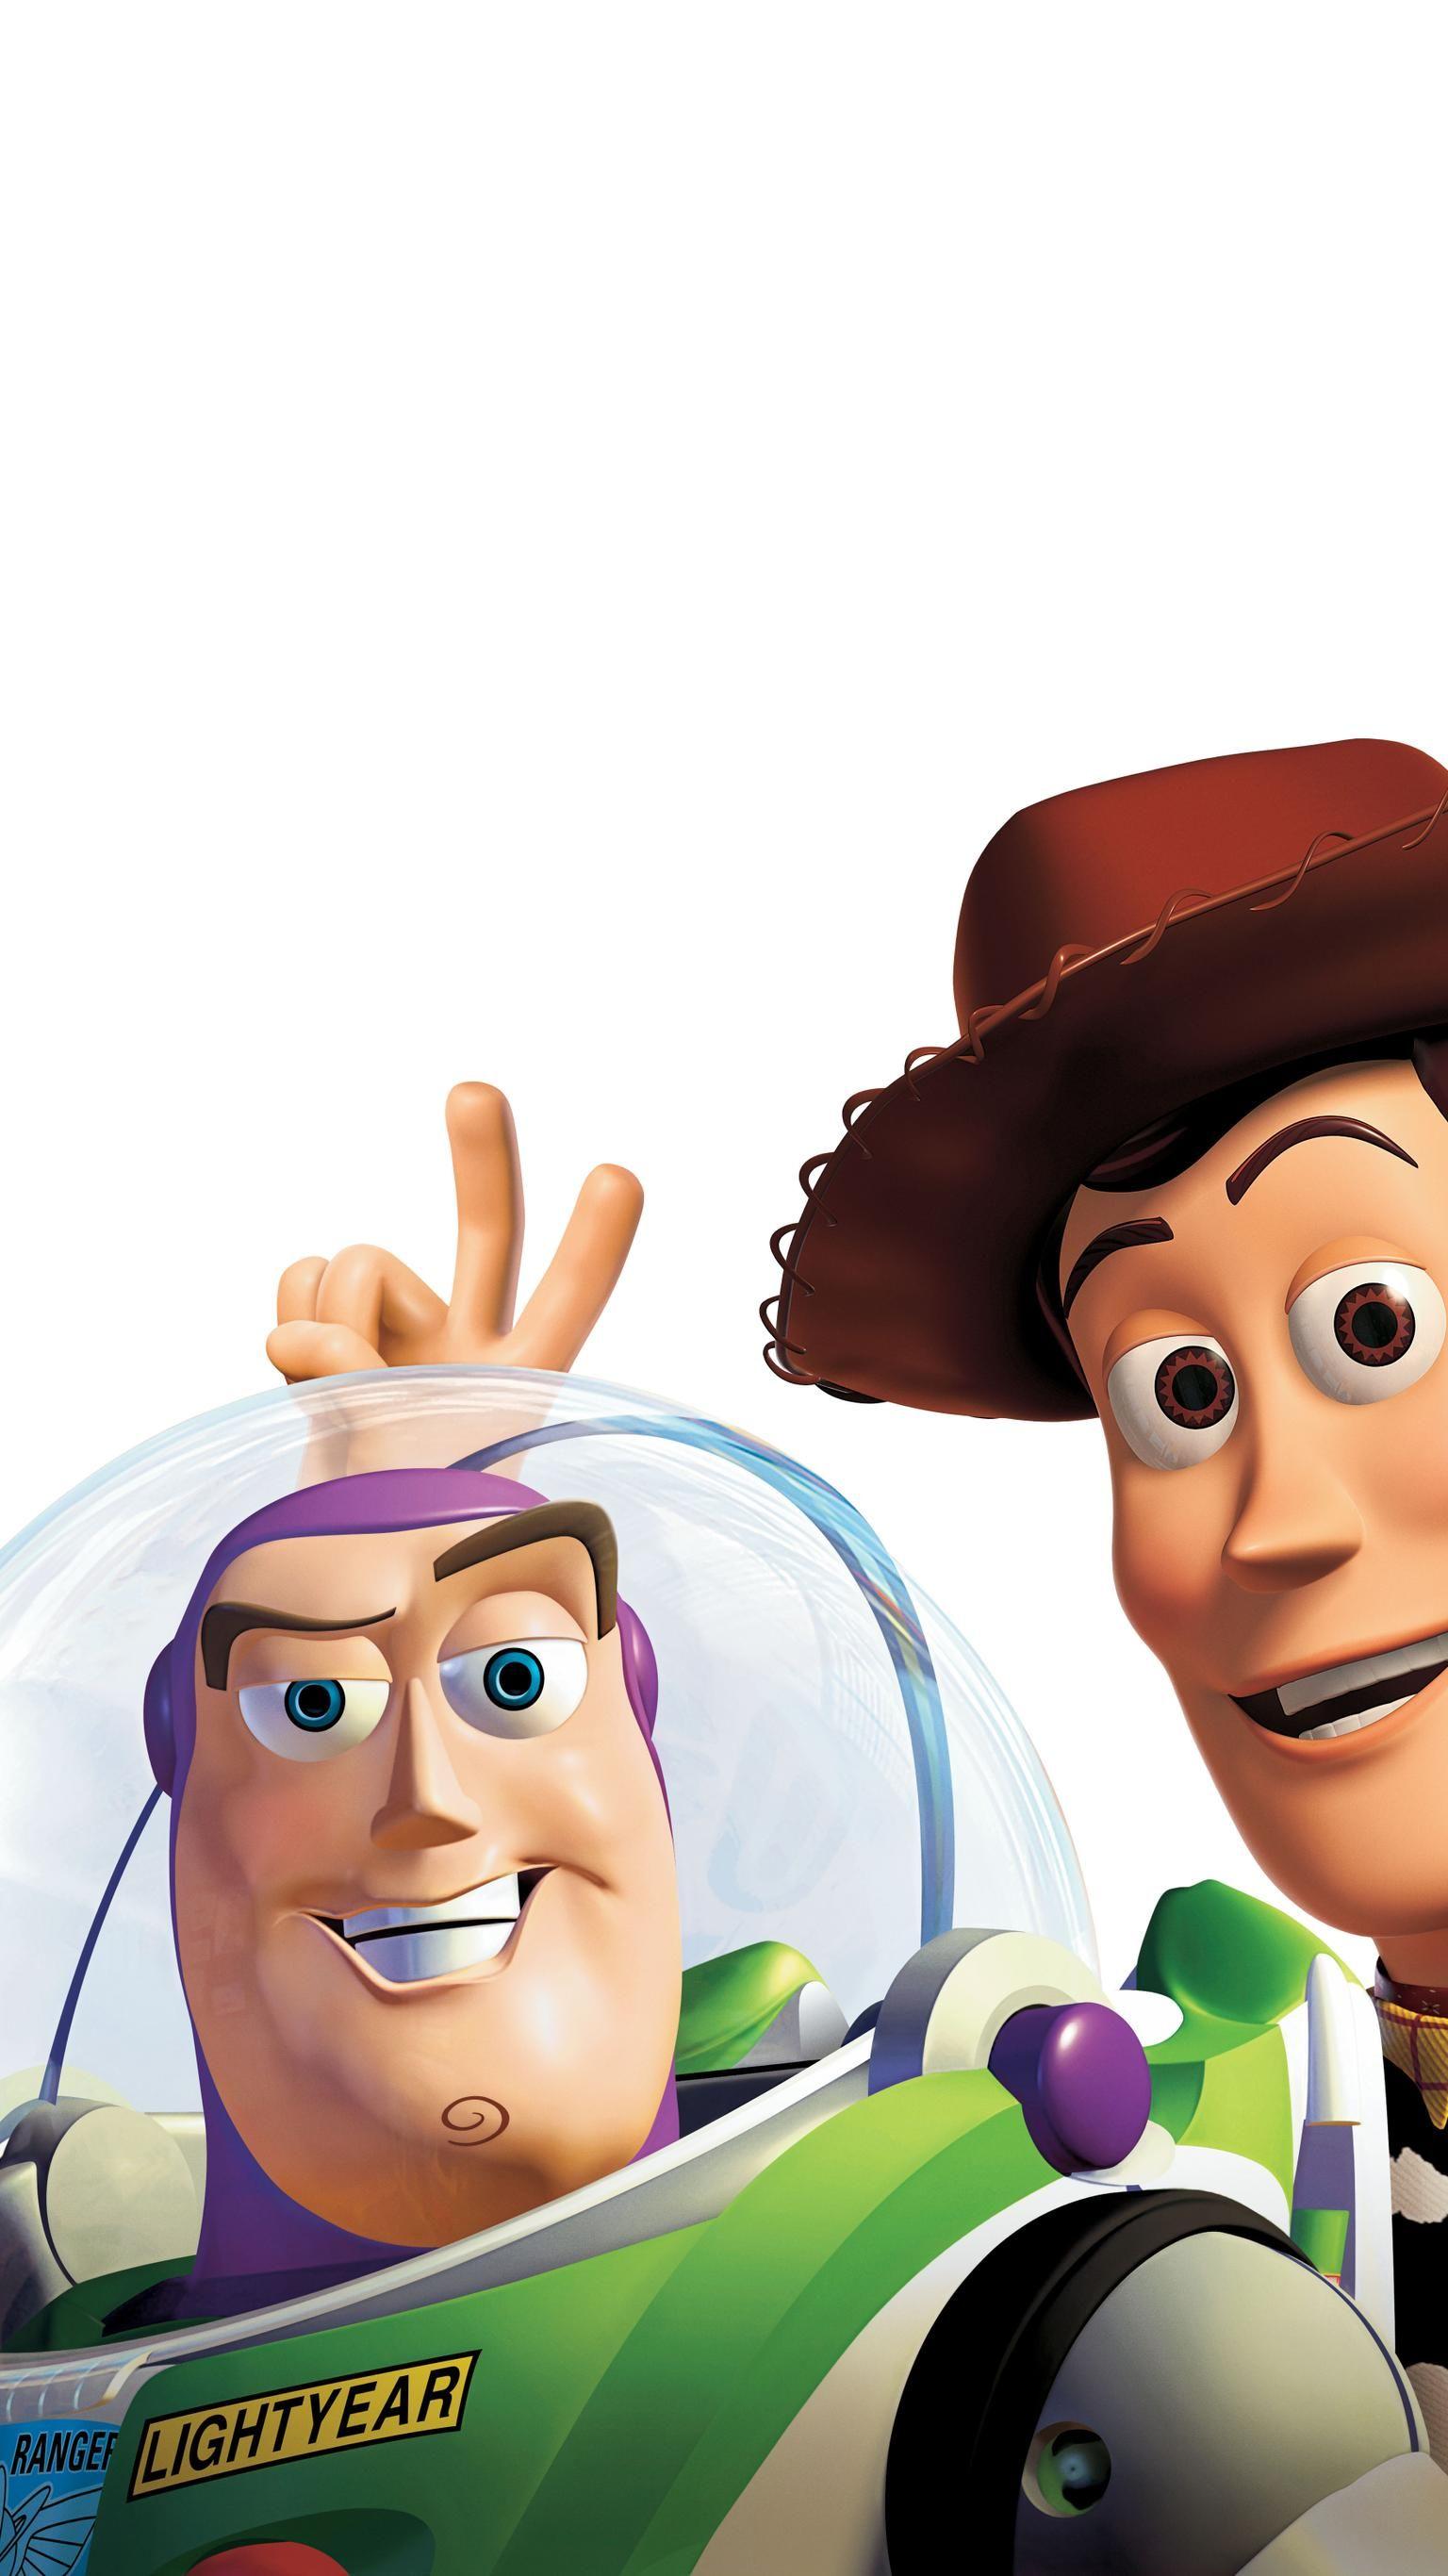 Toy Story 2 (1999) Phone Wallpaper Wallpaper di 2019